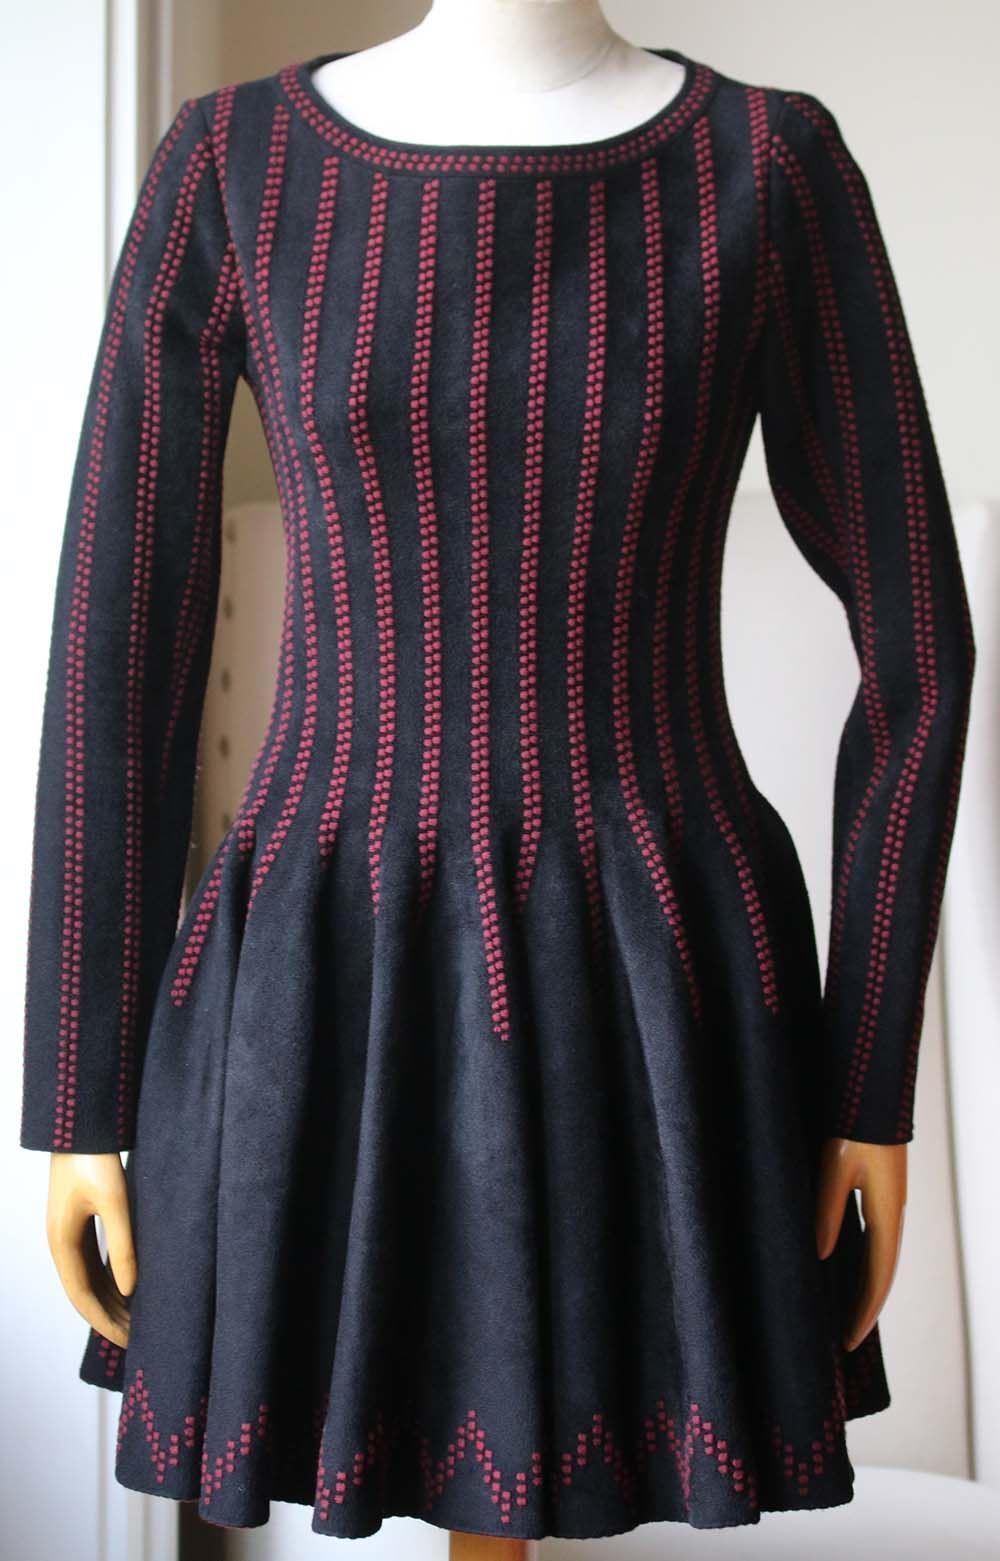 AZZEDINE ALAIA TEXTUrot STRETCH-KNIT DRESS FR 42 UK 14 | Optimaler Preis  | Billig ideal  | Zu einem erschwinglichen Preis  | Gute Qualität